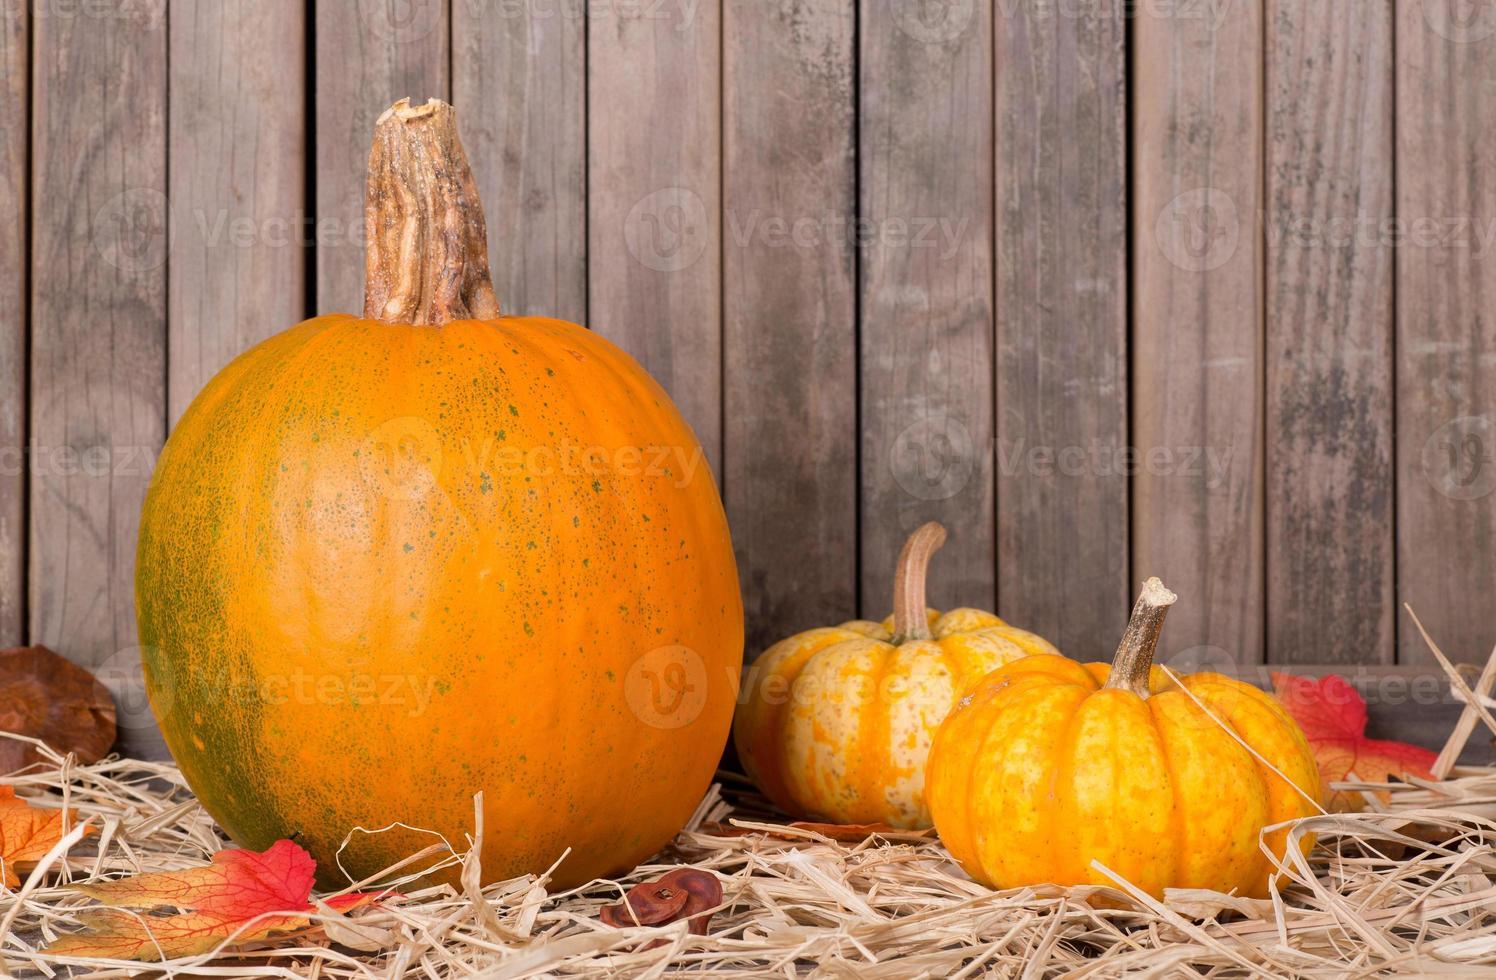 calabazas de otoño foto